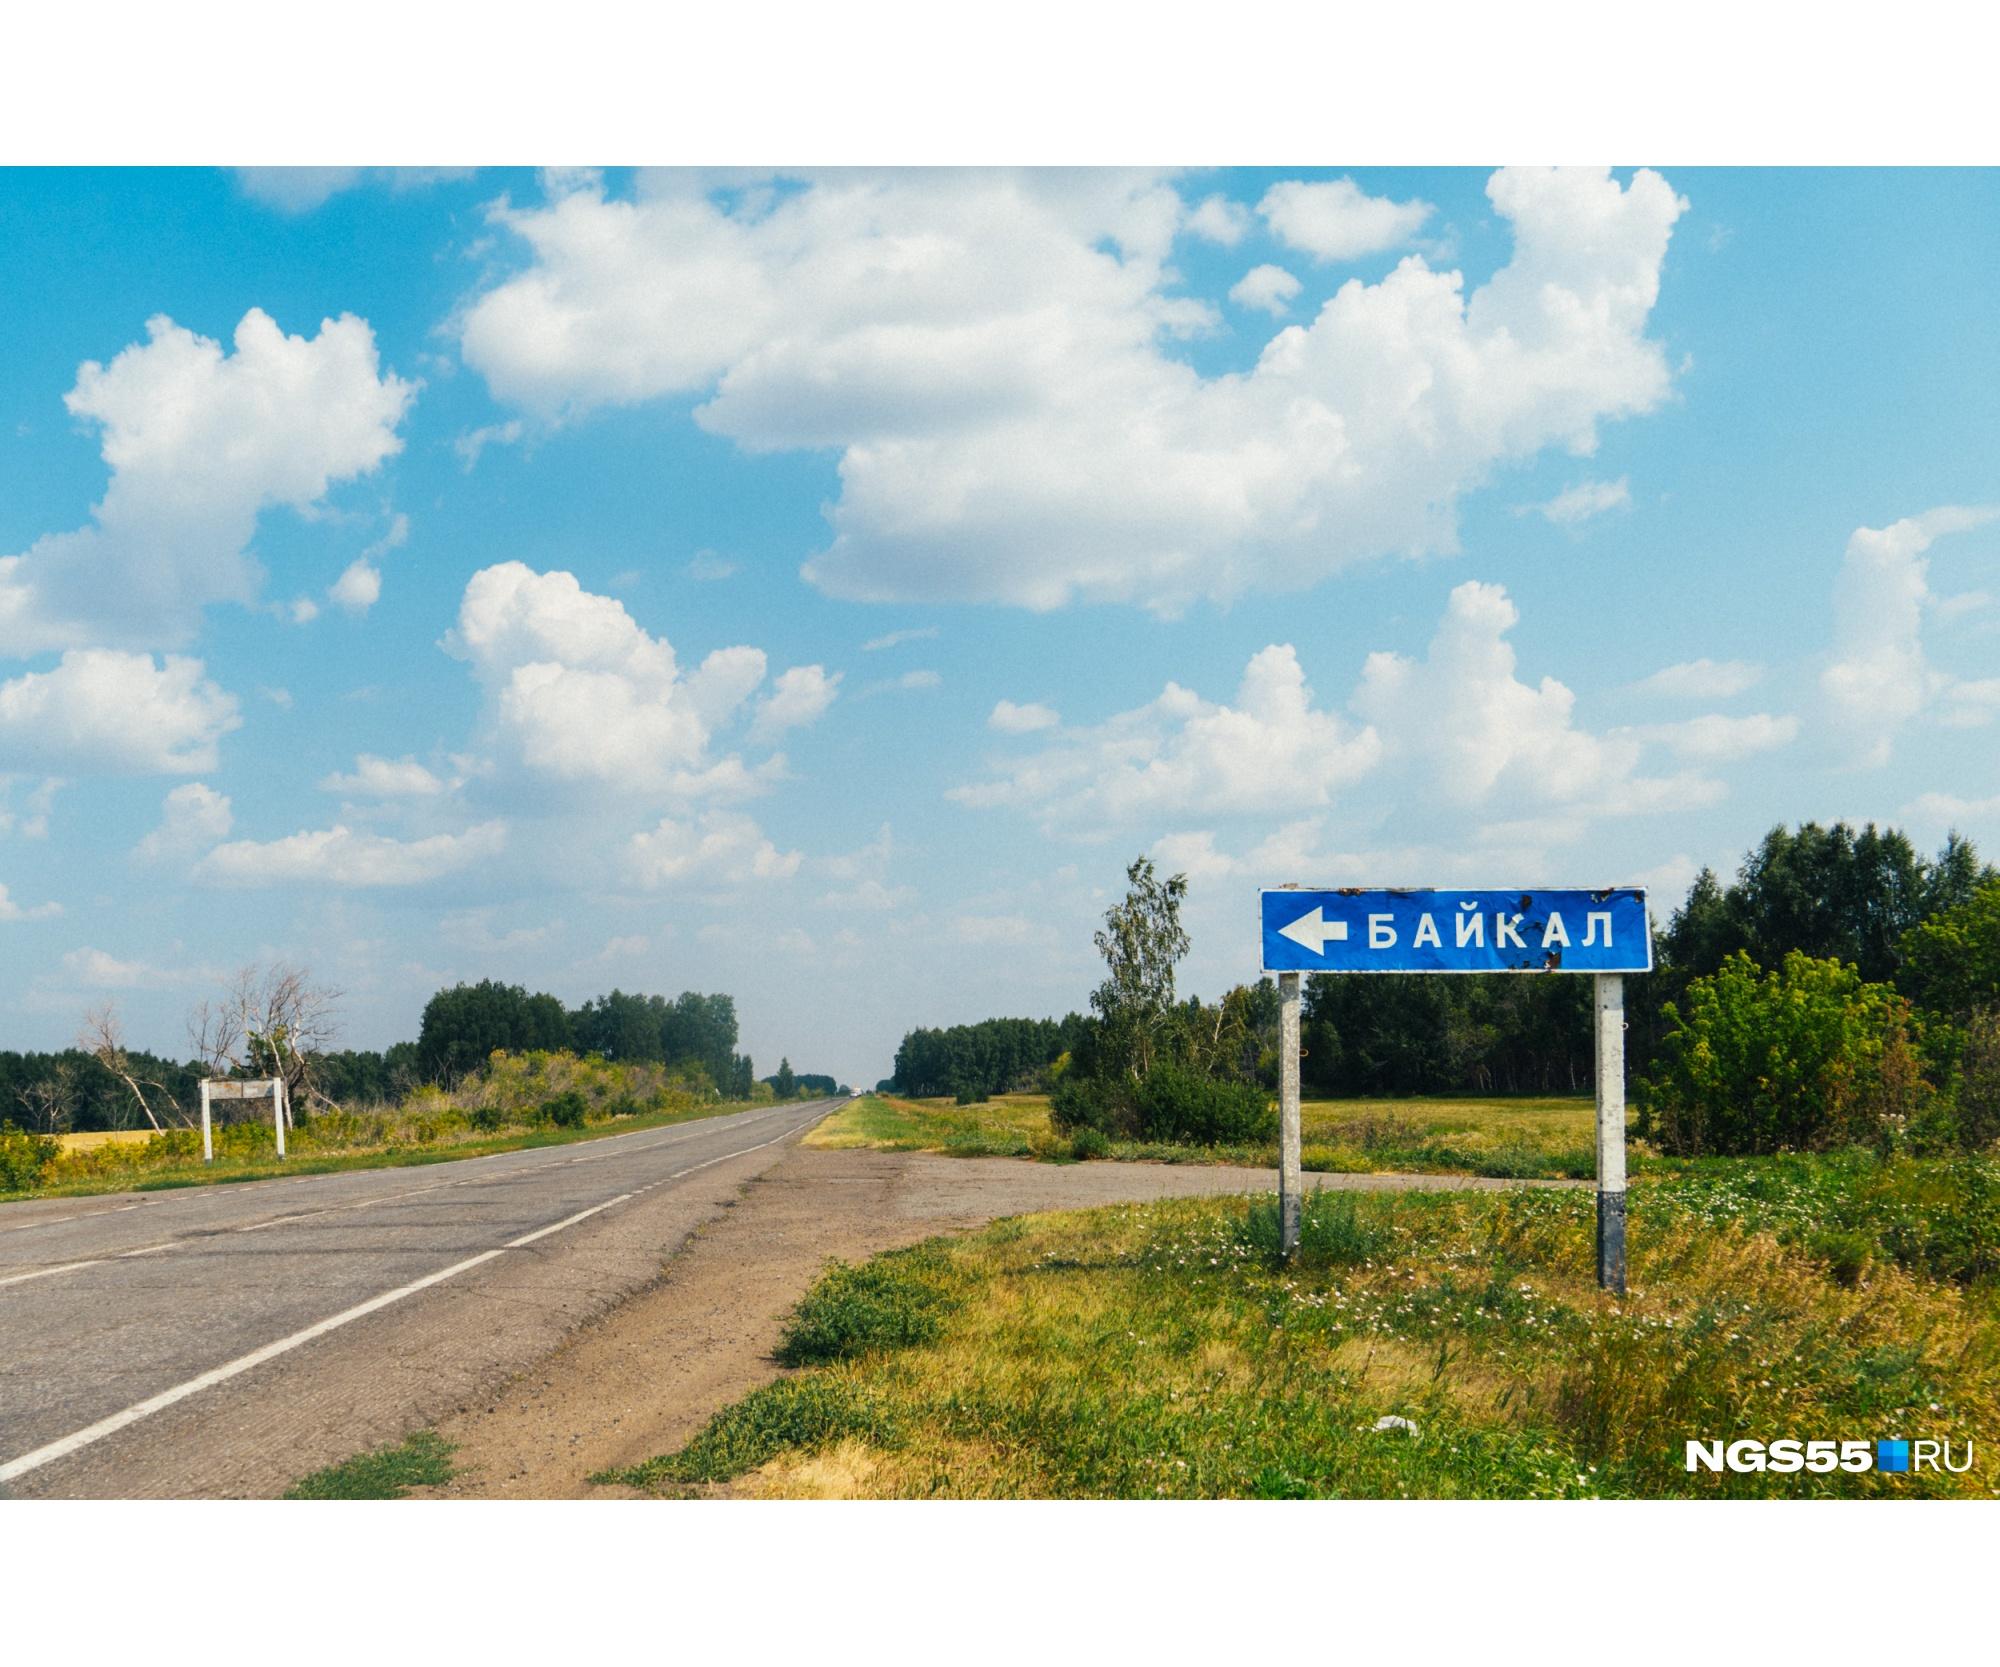 Название деревни, рядом с которой даже болота нет, тоже вызывает улыбку